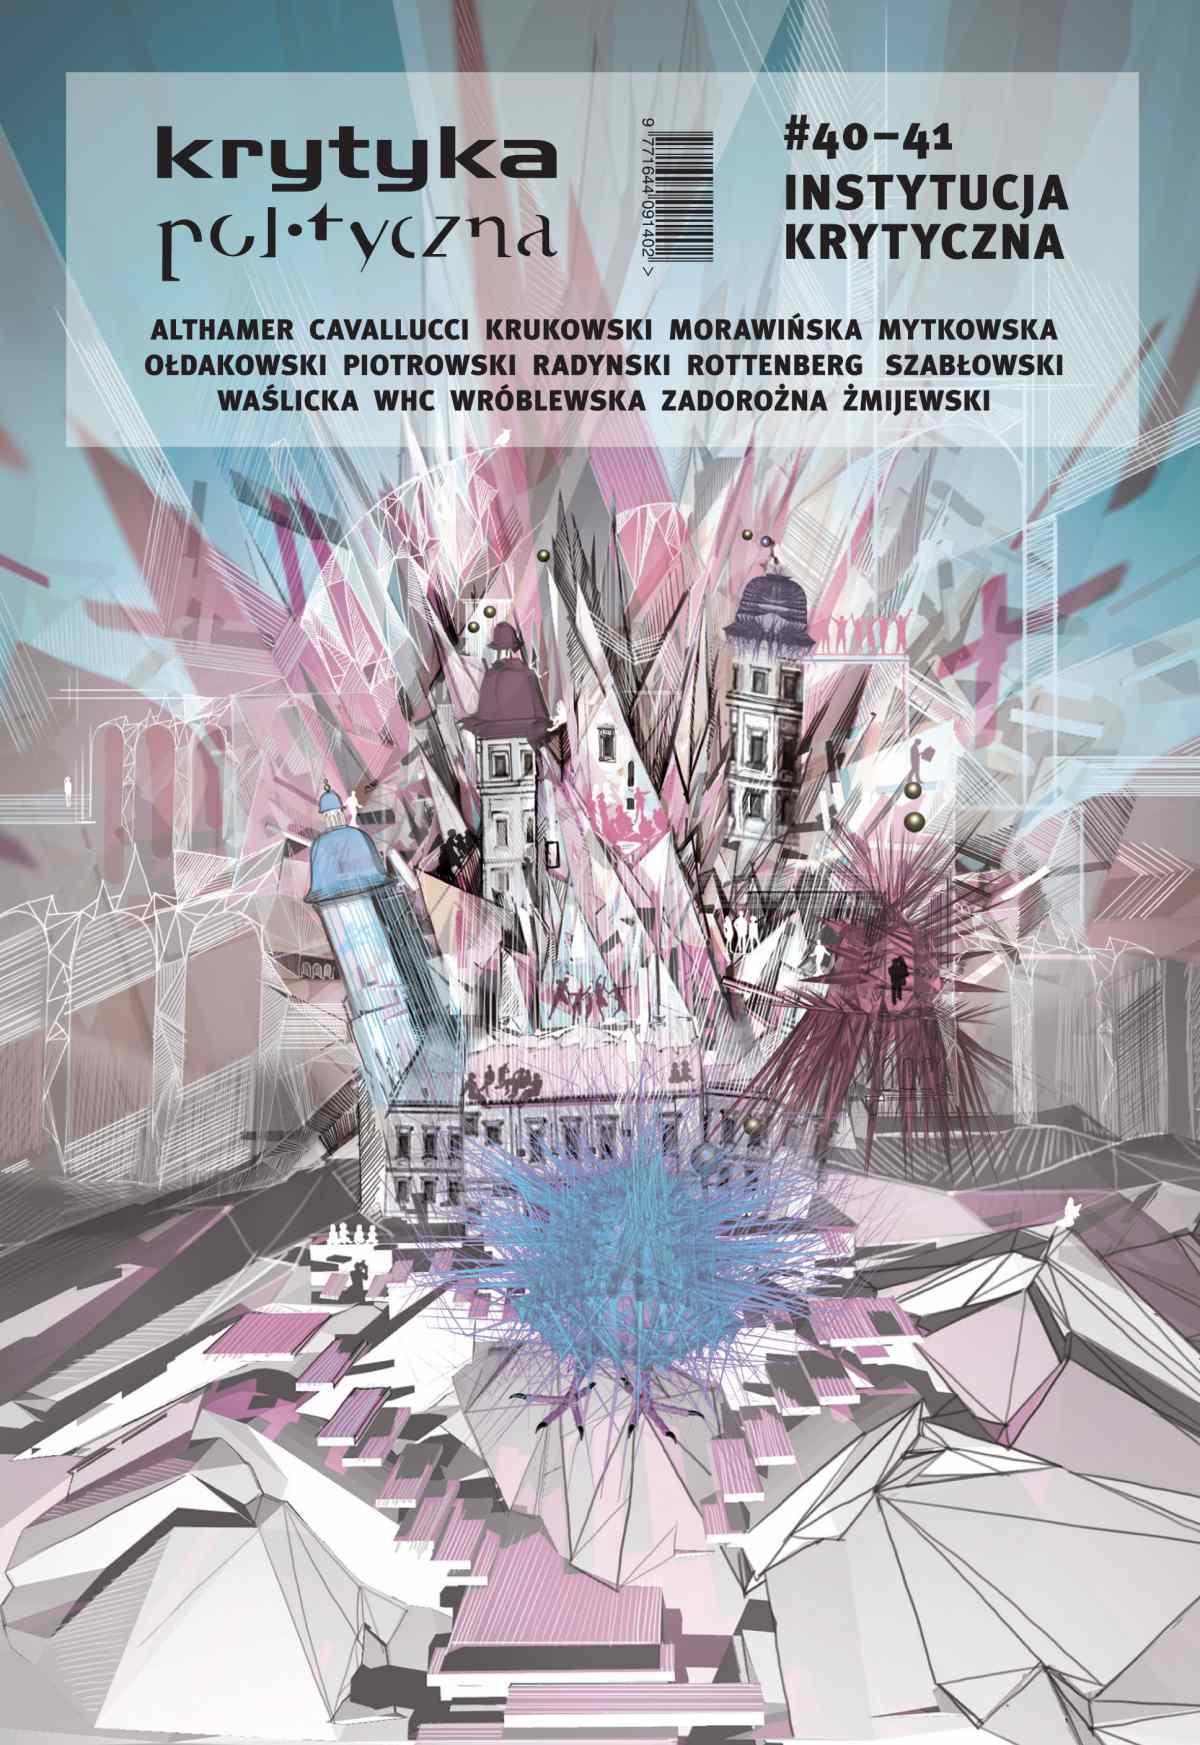 Krytyka Polityczna nr 40-41. Instytucja krytyczna - Ebook (Książka EPUB) do pobrania w formacie EPUB